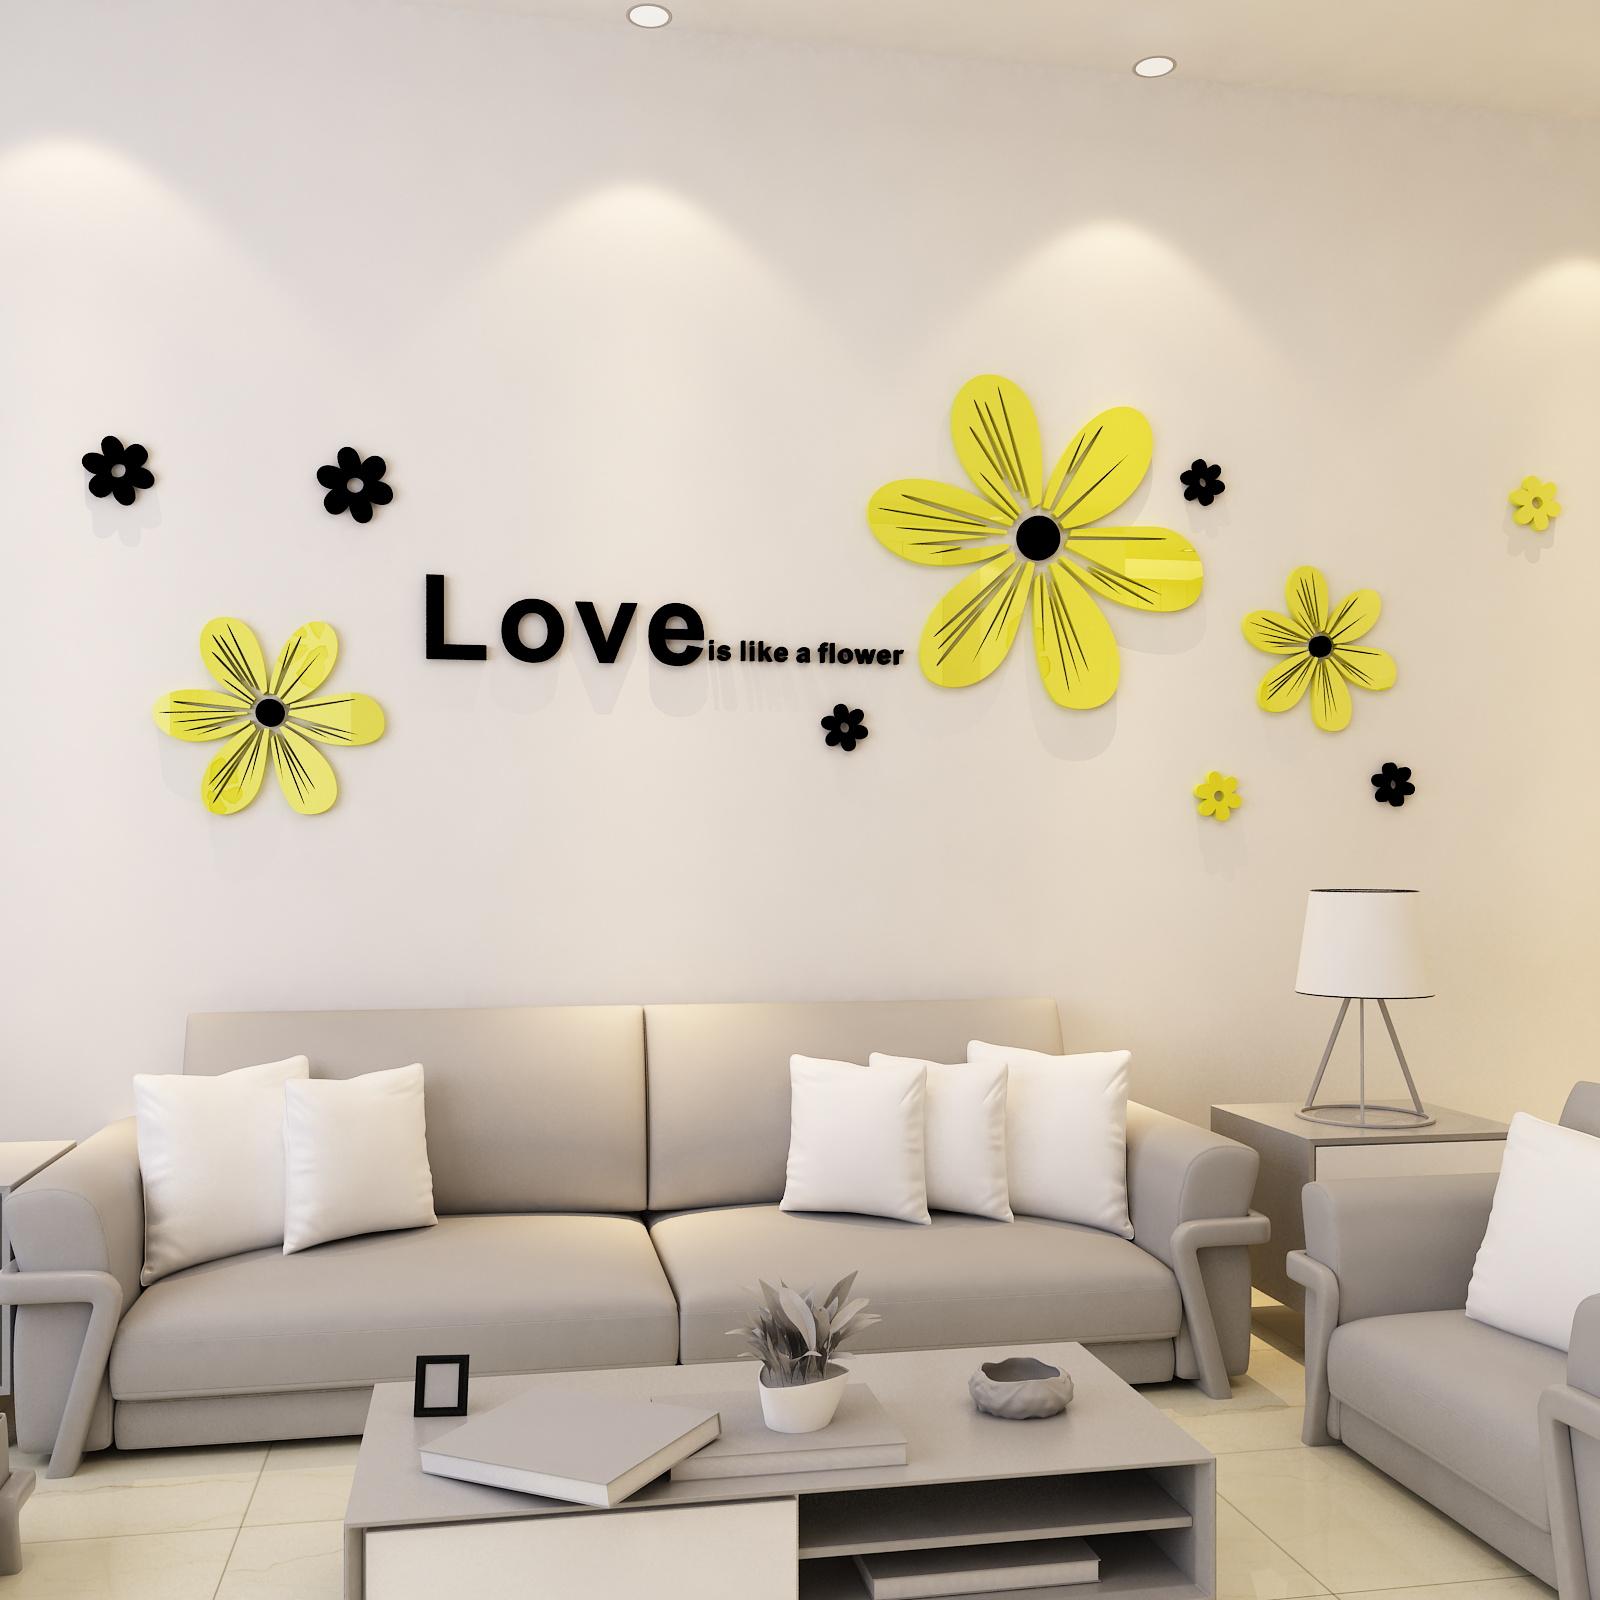 亚克力3d立体墙贴自粘卧室客厅餐厅沙发电视背景墙现代简约装饰画